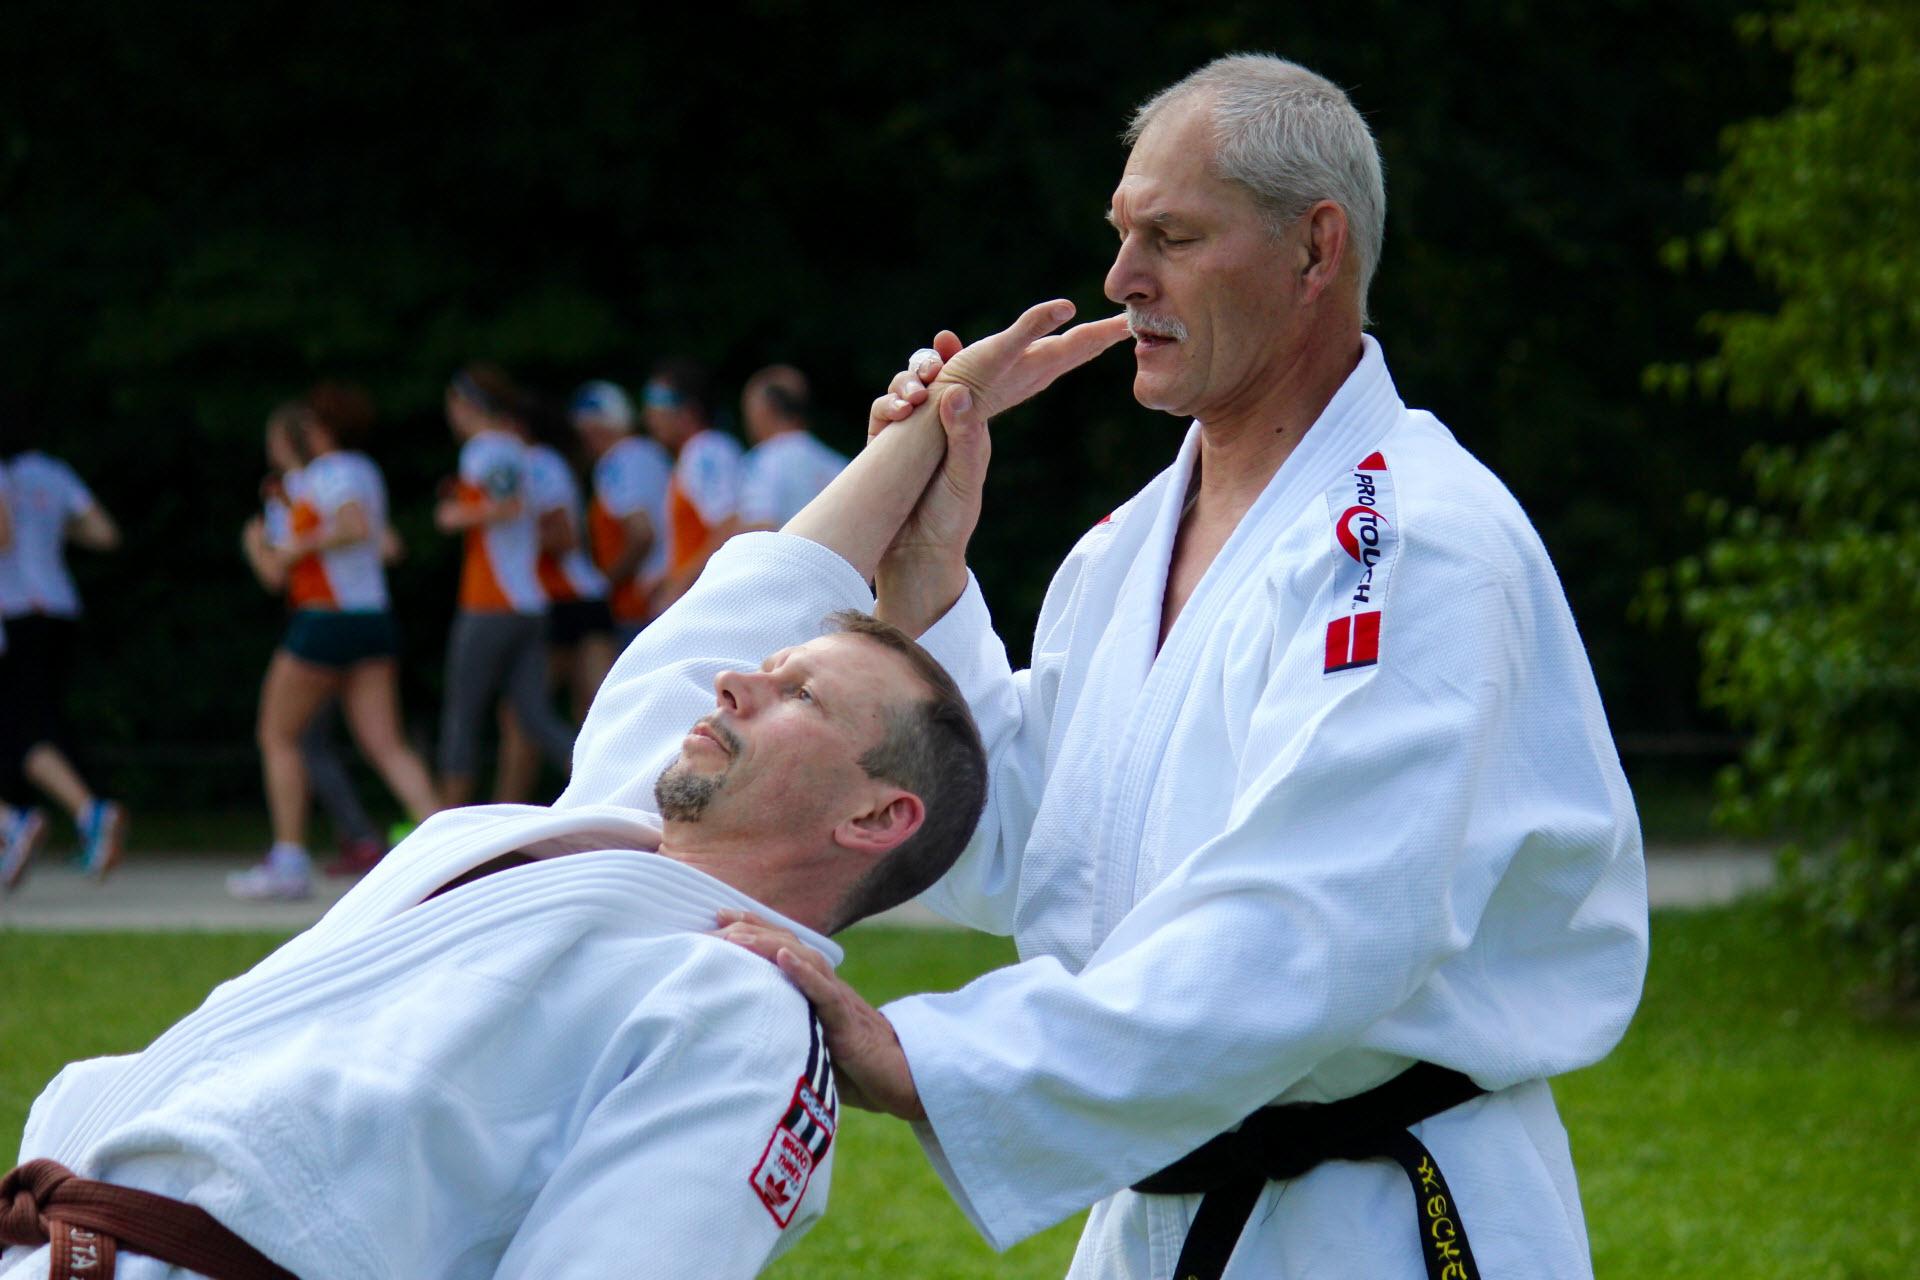 Judo: Judoschnuppertraining Für Kinder Und Erwachsene